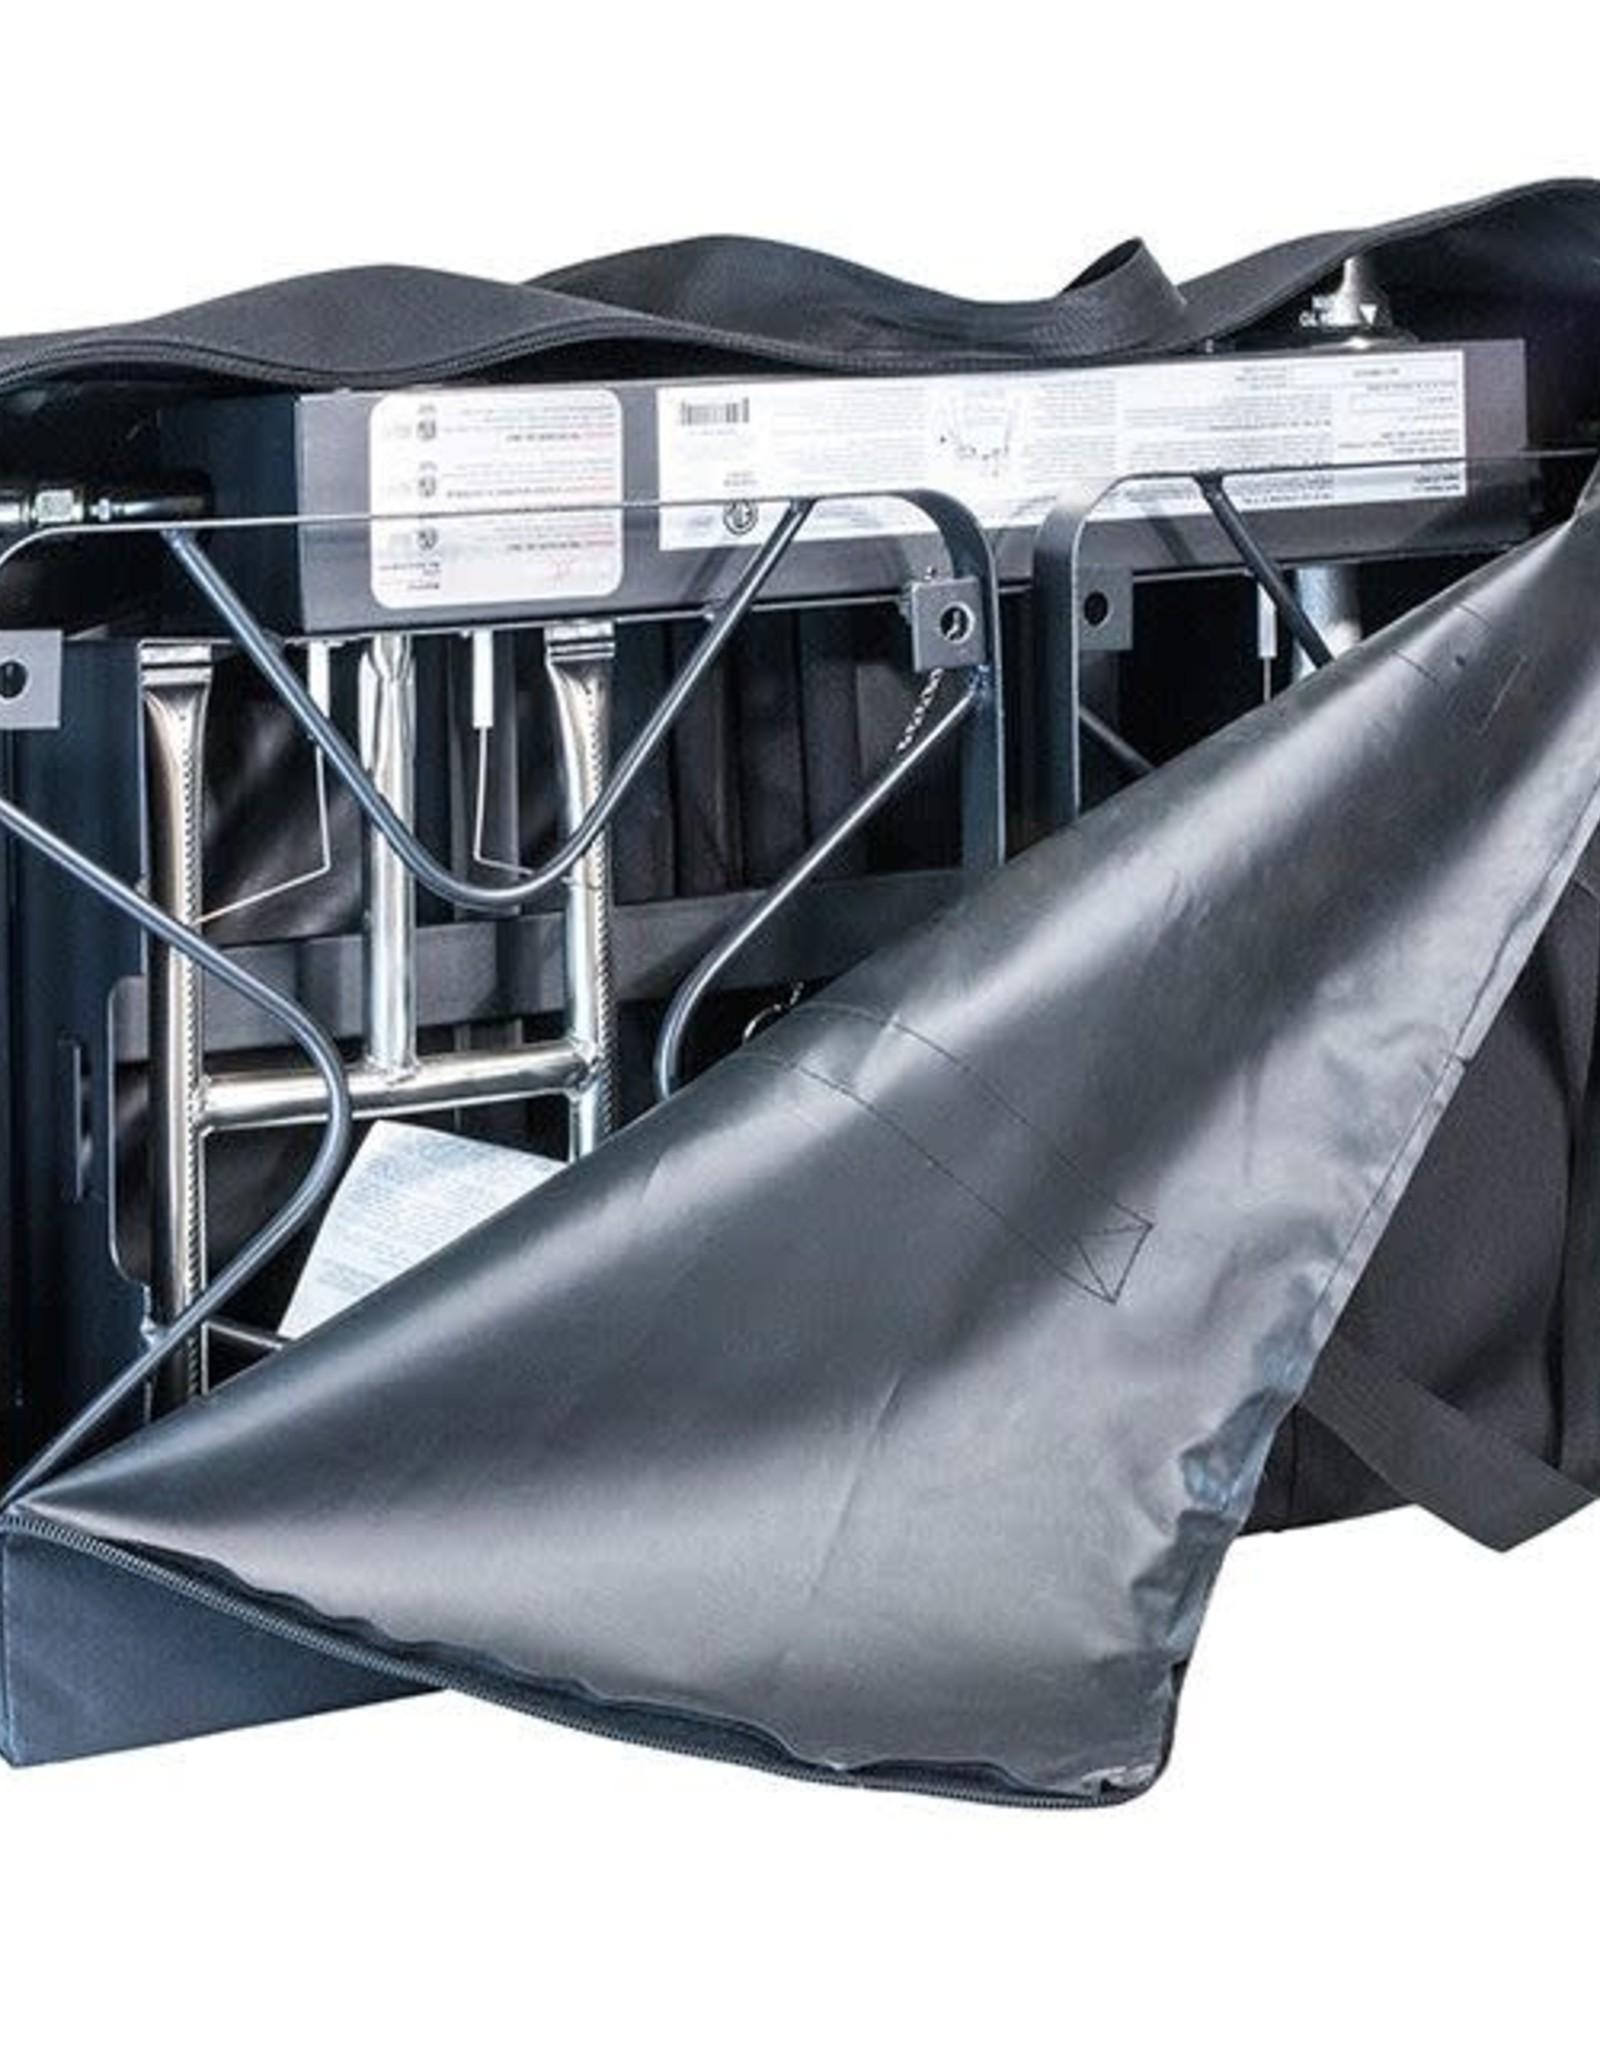 Blackstone Blackstone Tailgater Combo Carry Bag Set - 1730